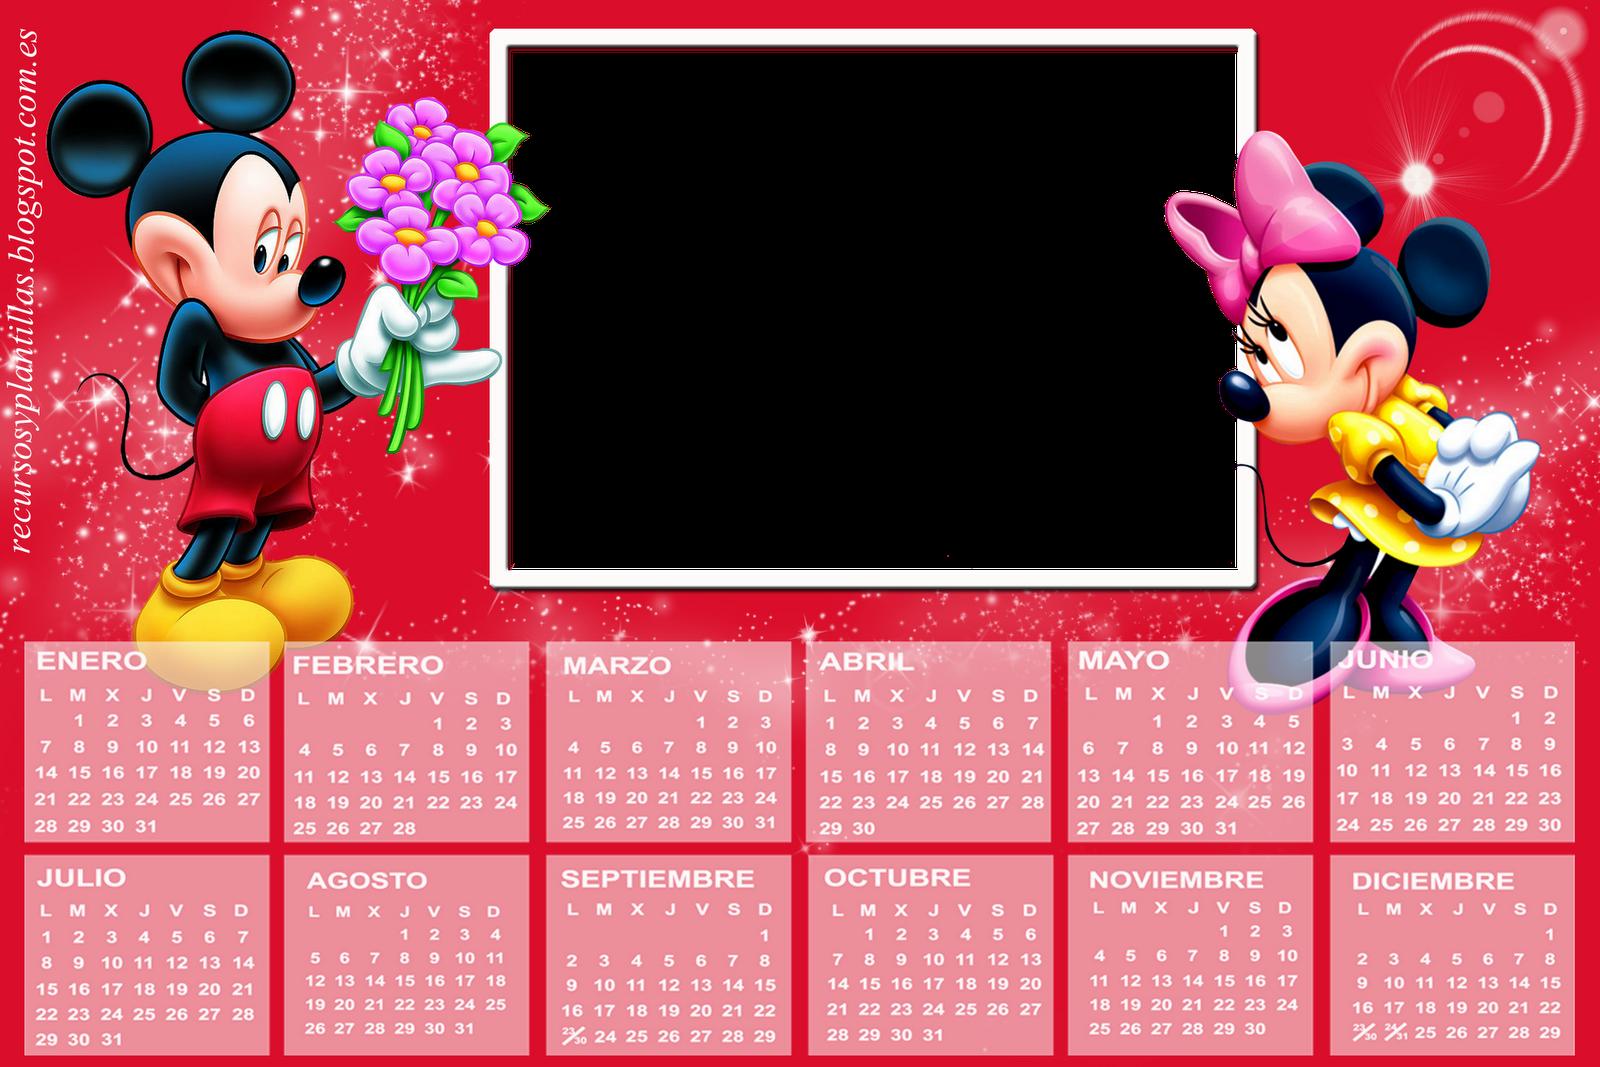 Calendario De 2013